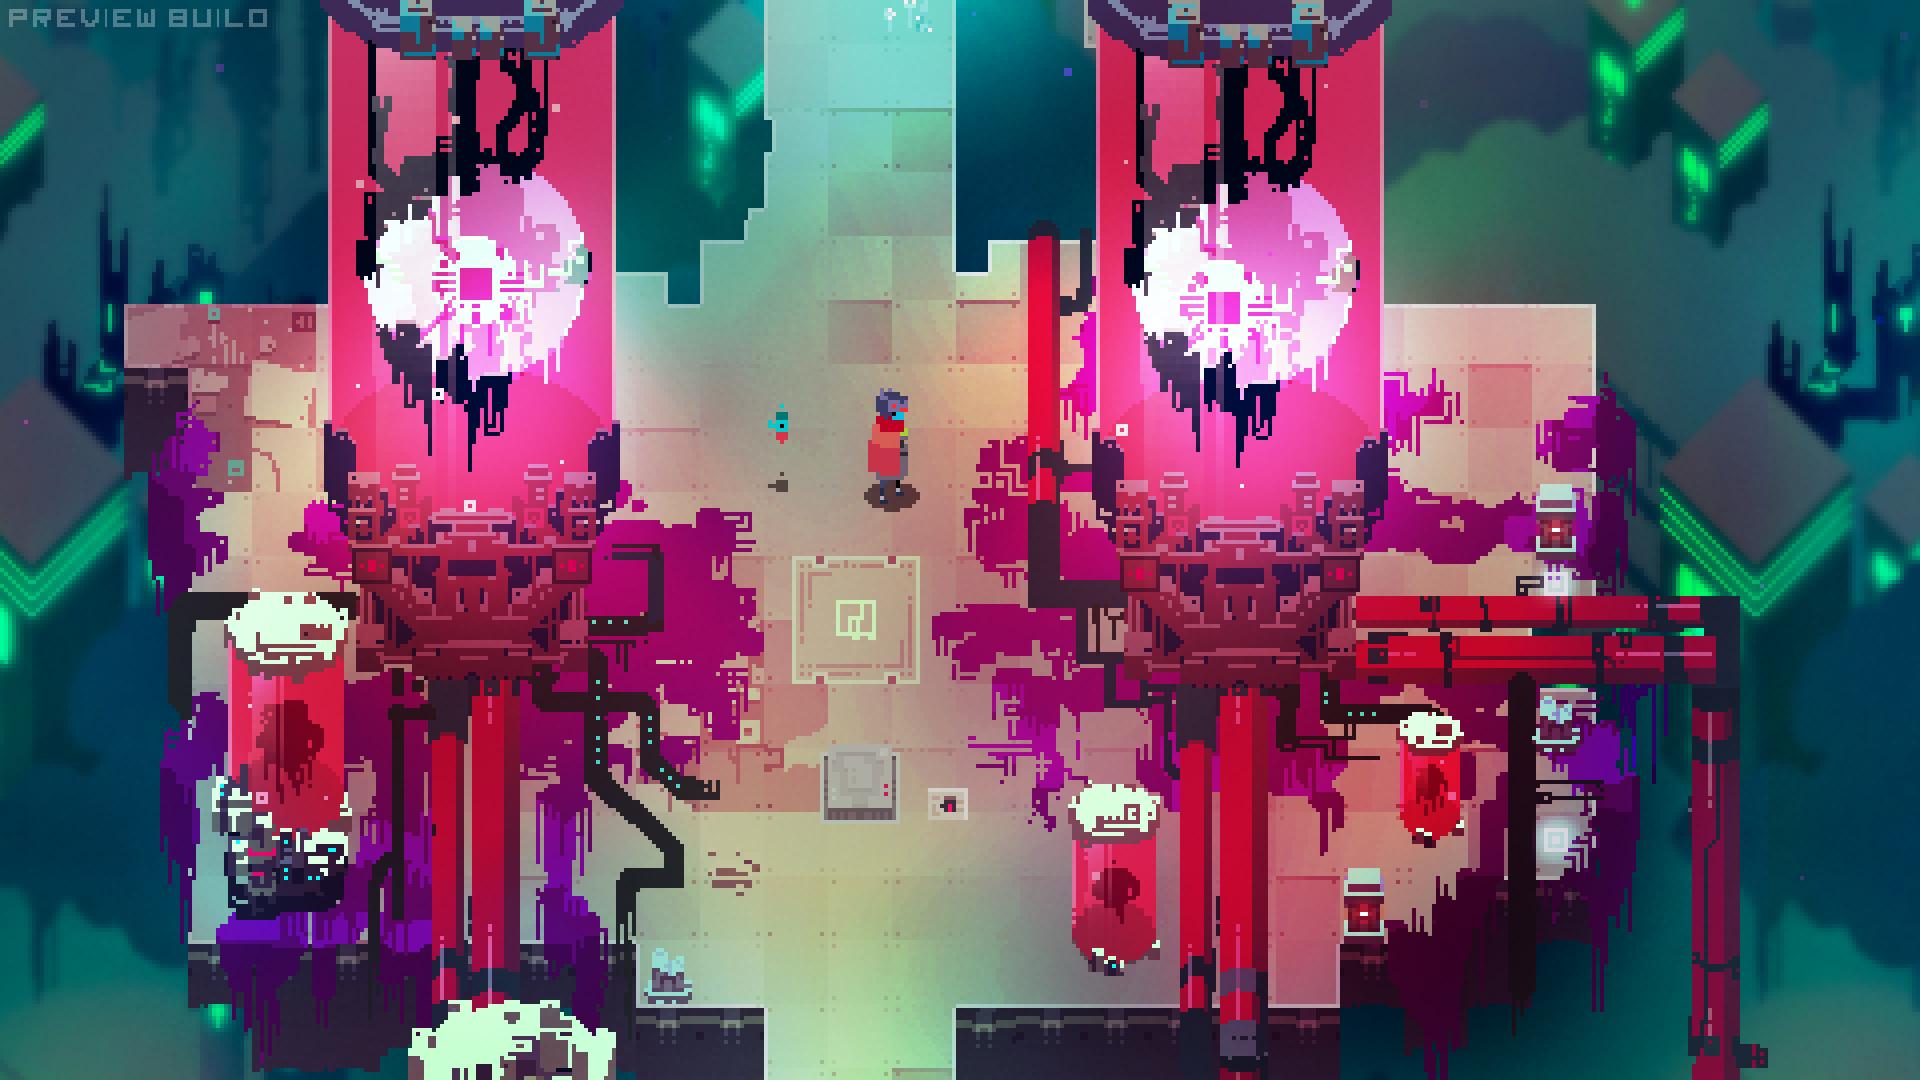 Hyper Light Drifter Pixels And Bits The Escapist